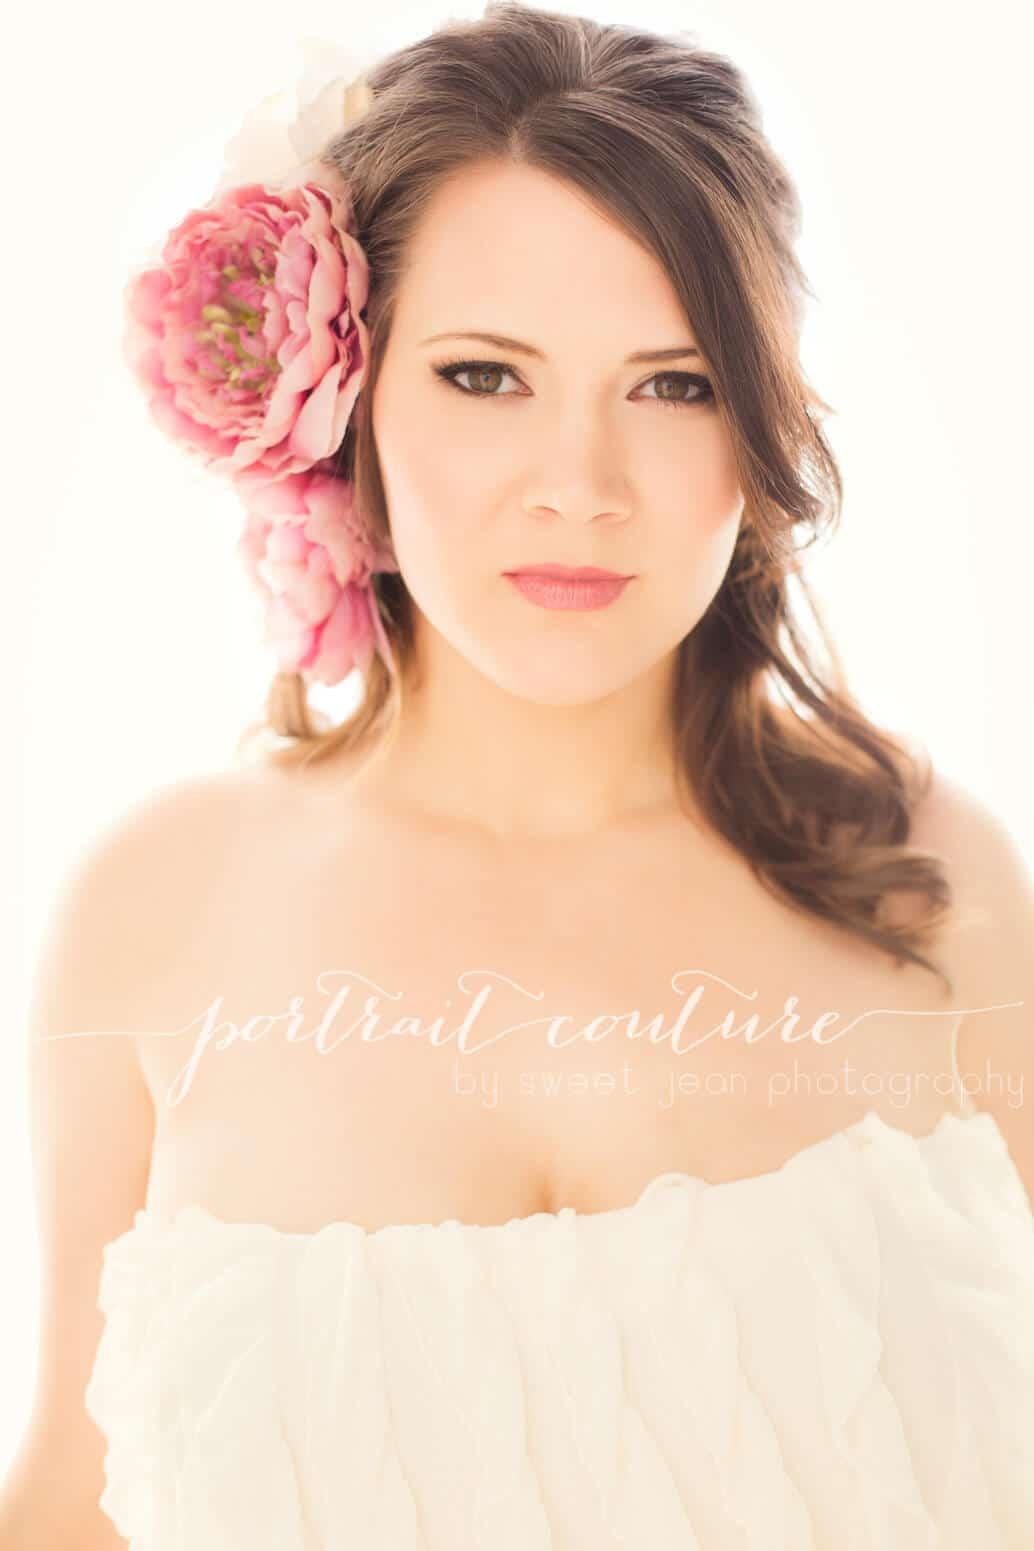 stunning backlit glamour portrait